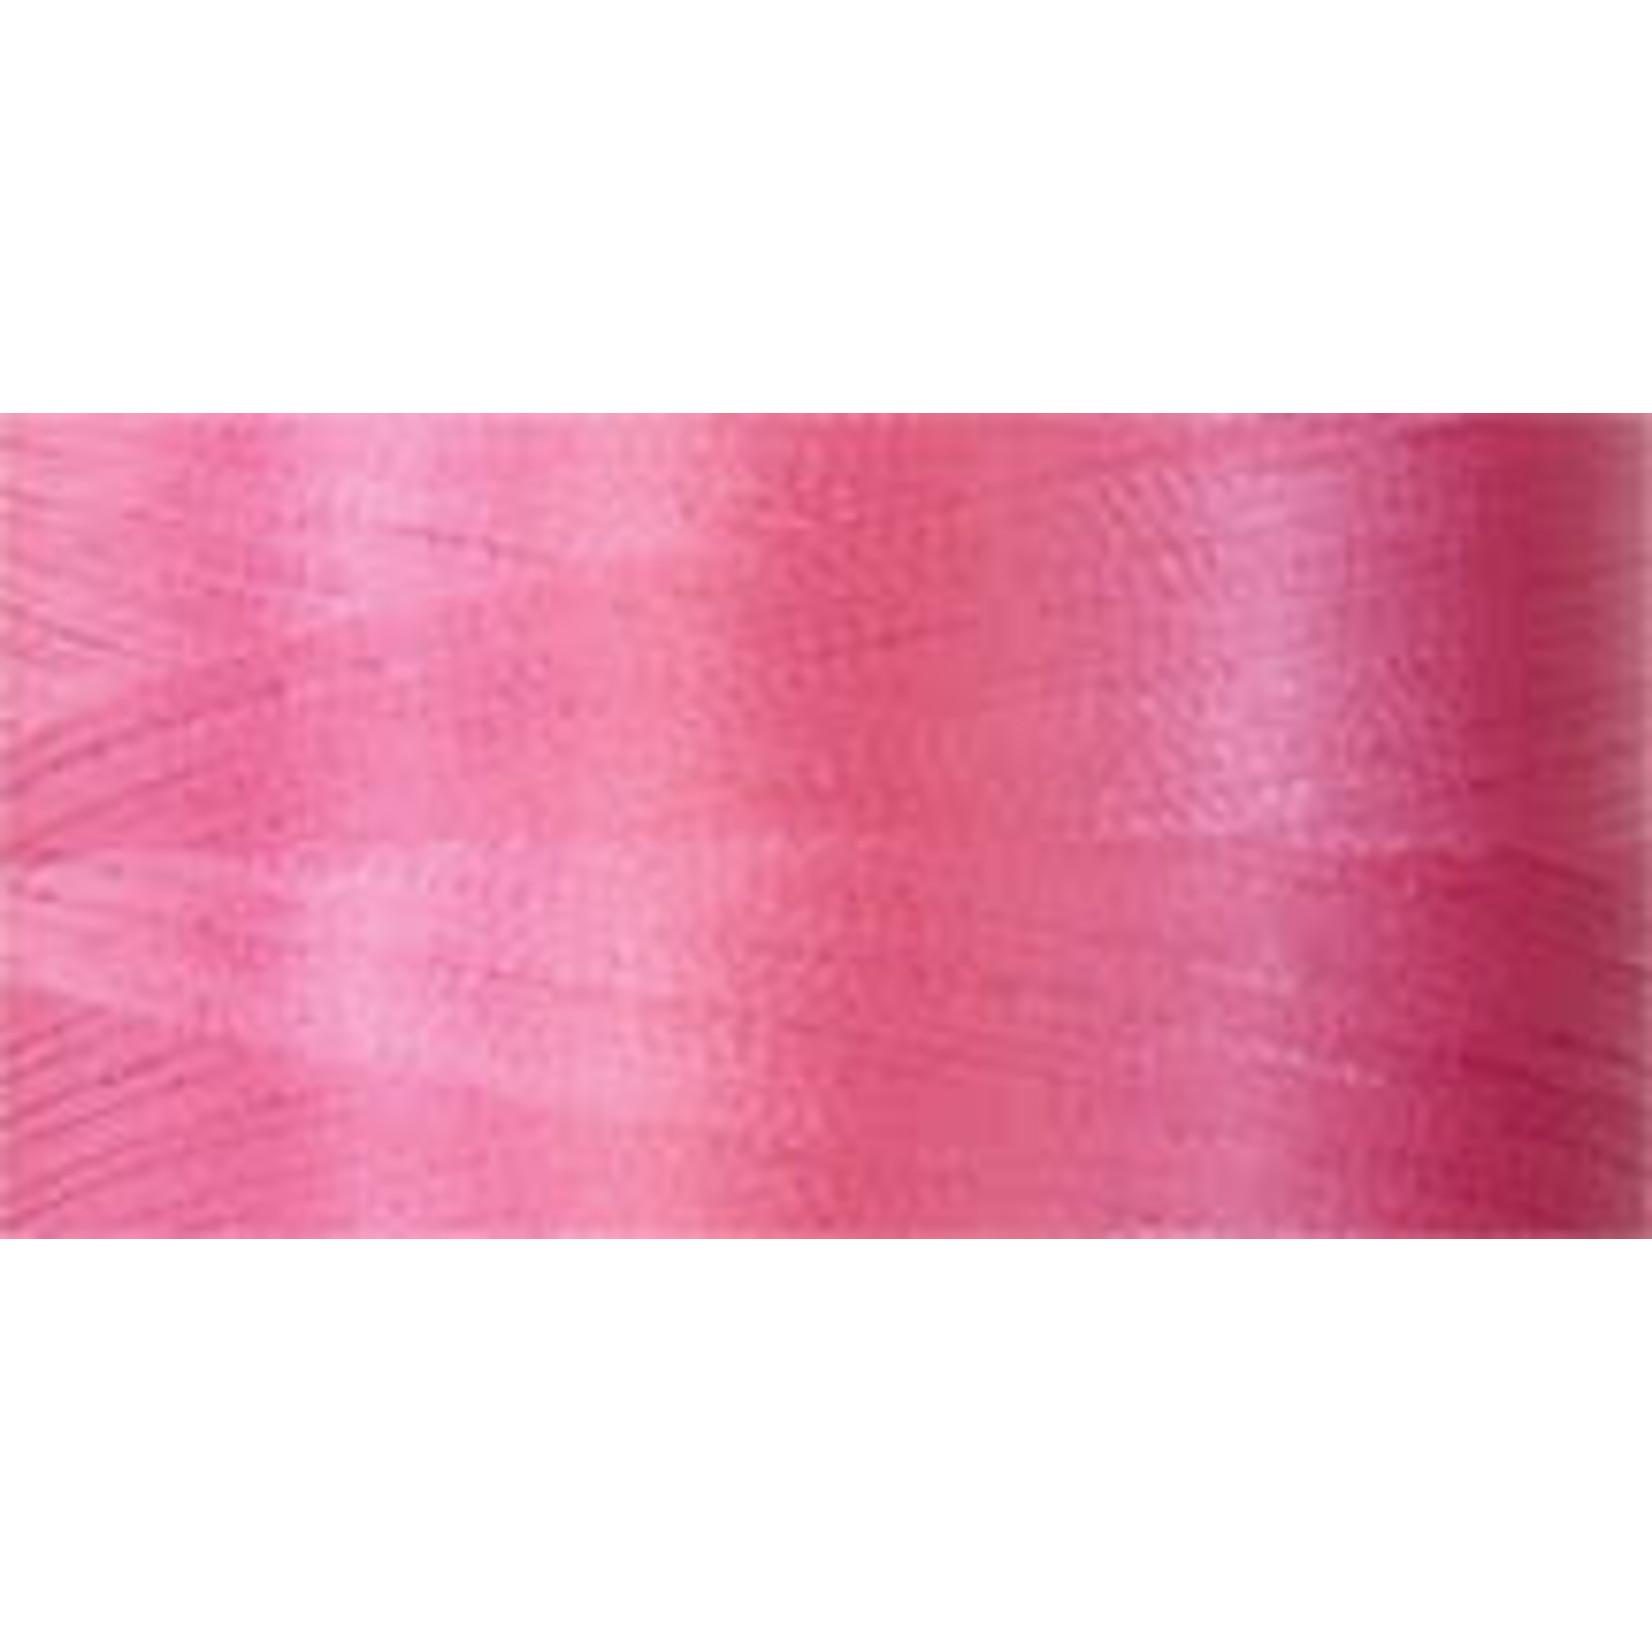 Superior Threads Bottom Line - #60 - 1300 m - 604 Dark Pink